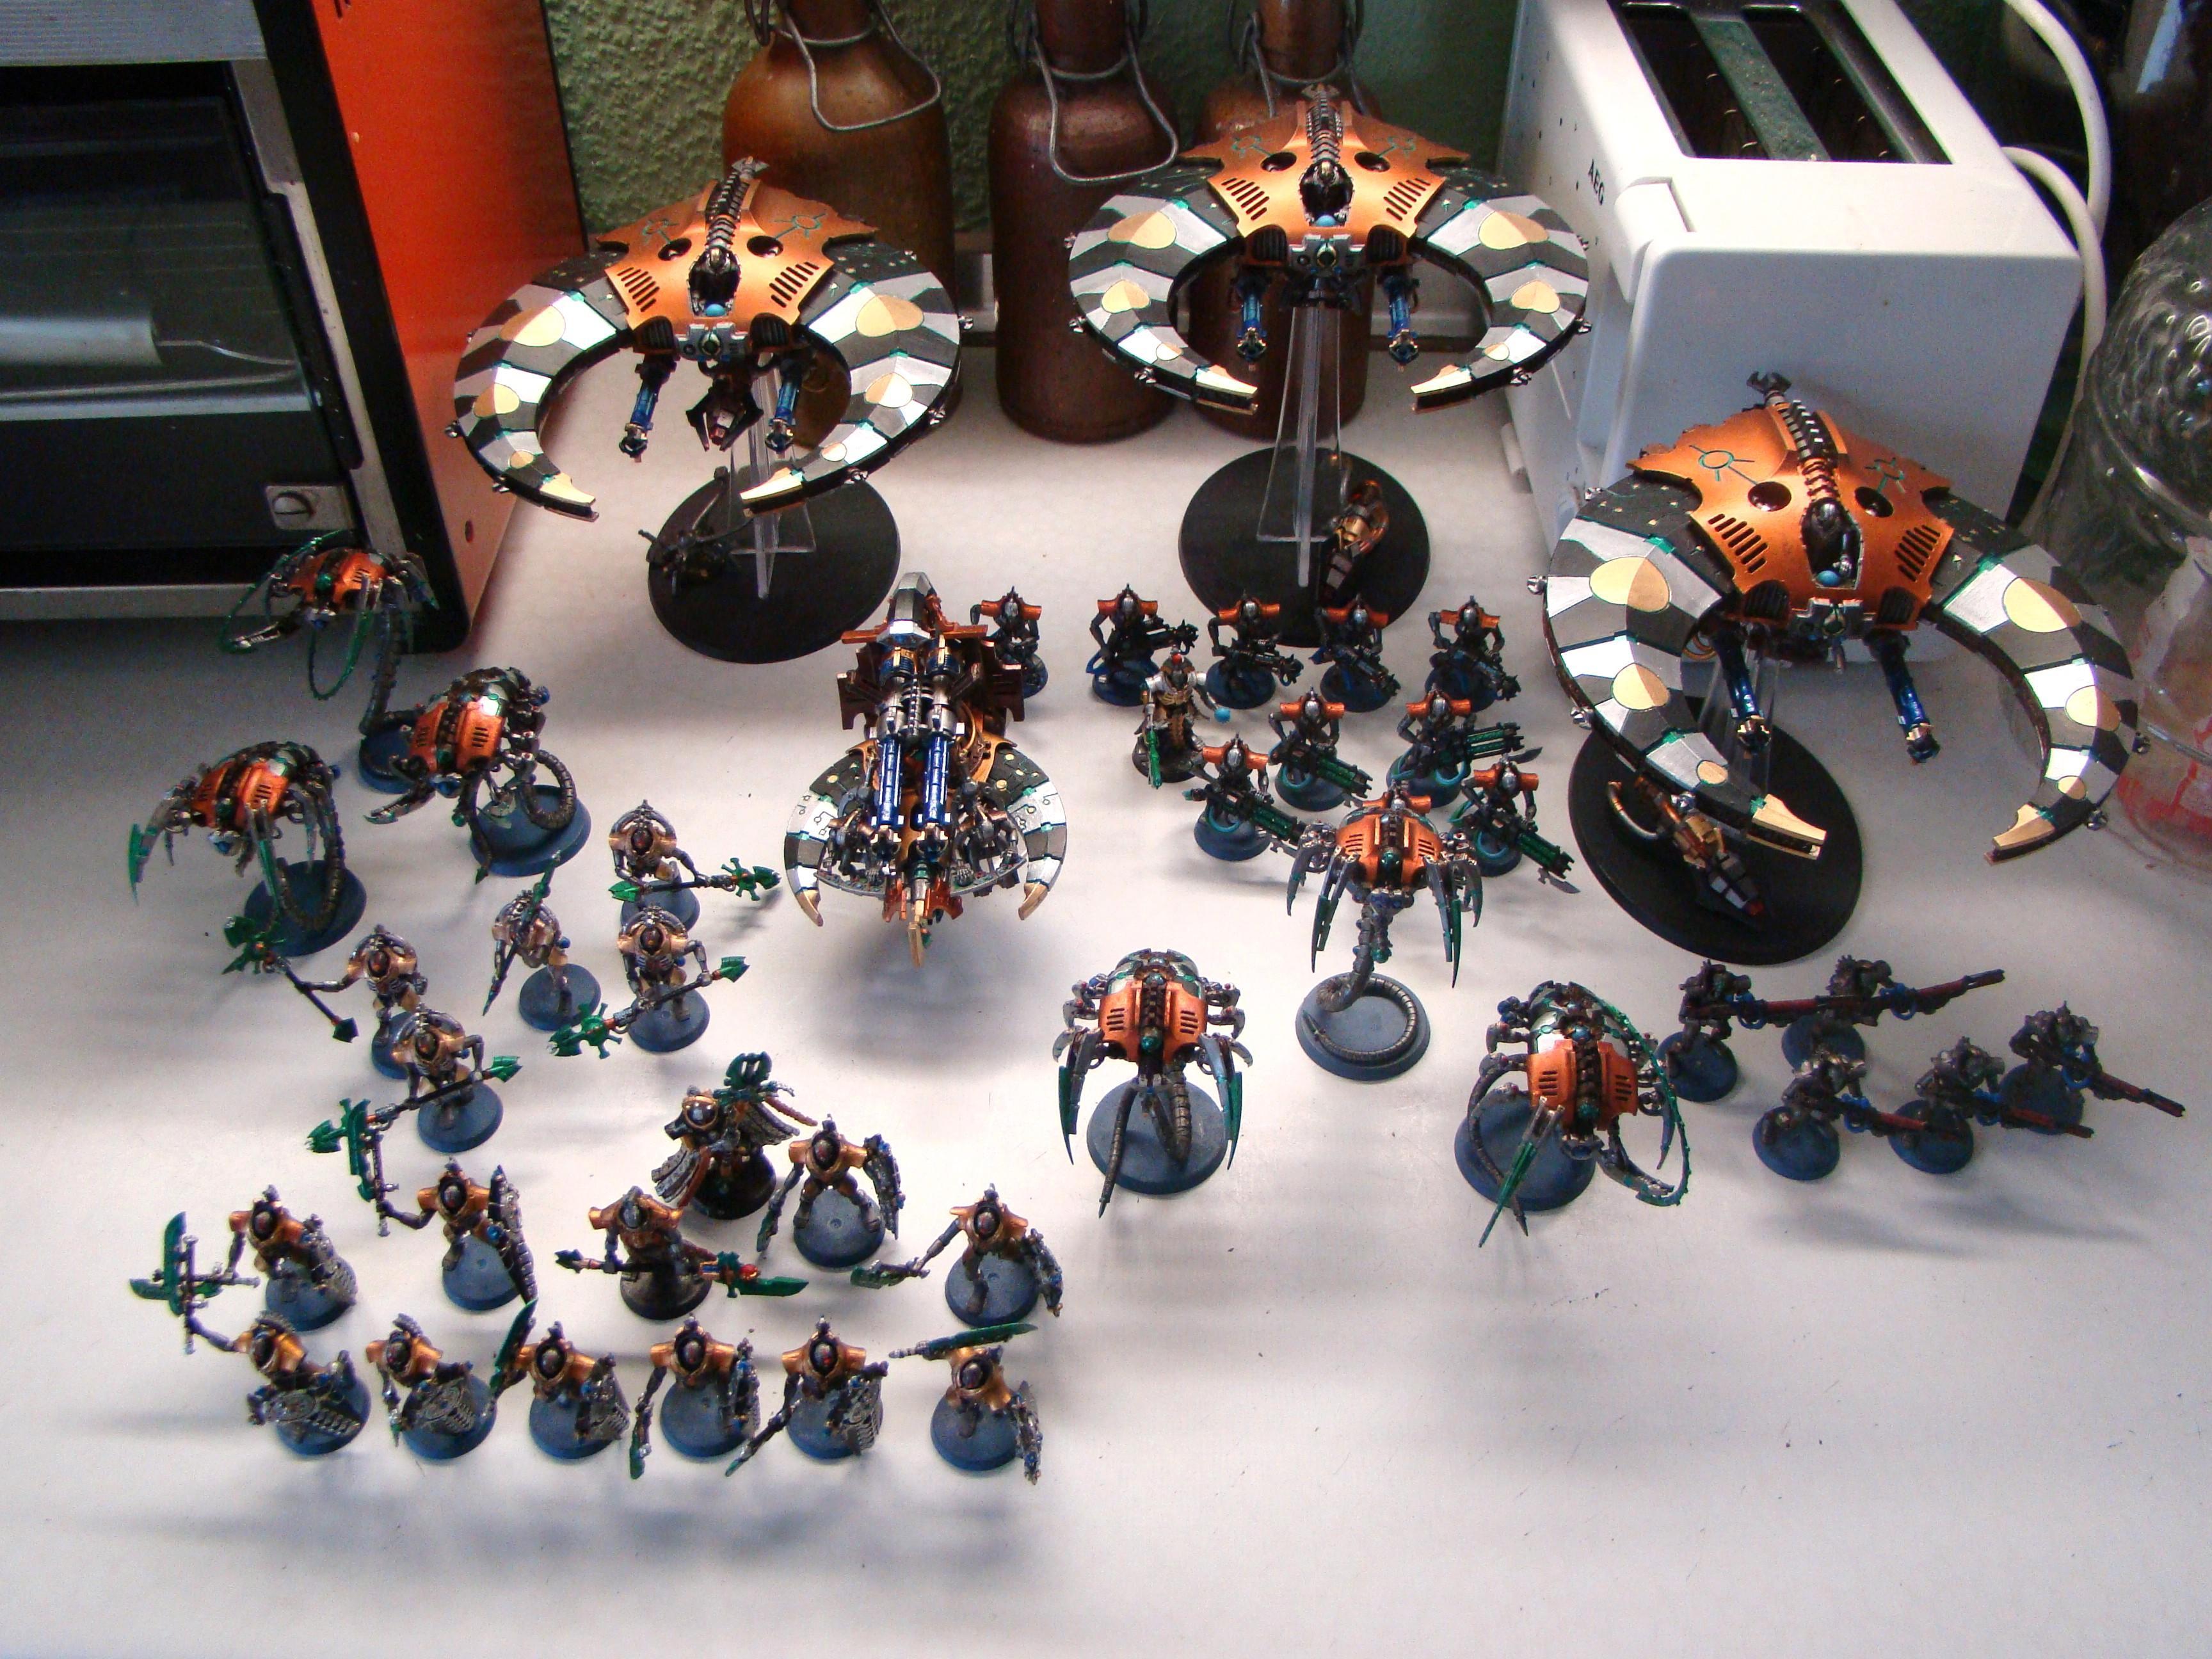 Army, Necrons, Warhammer 40,000